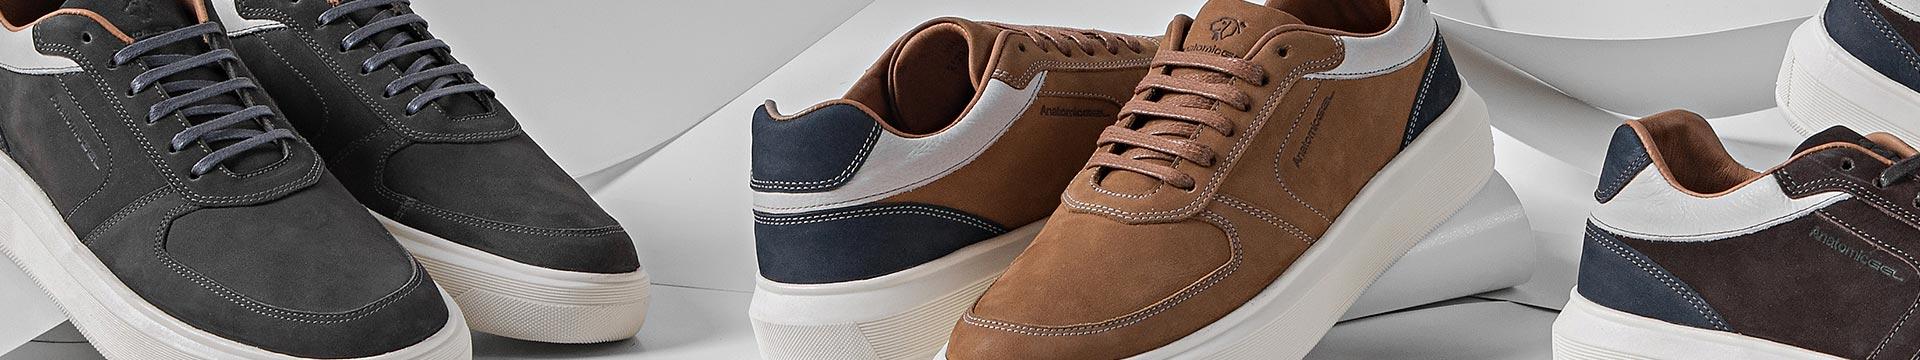 Calçados -  Sapatênis